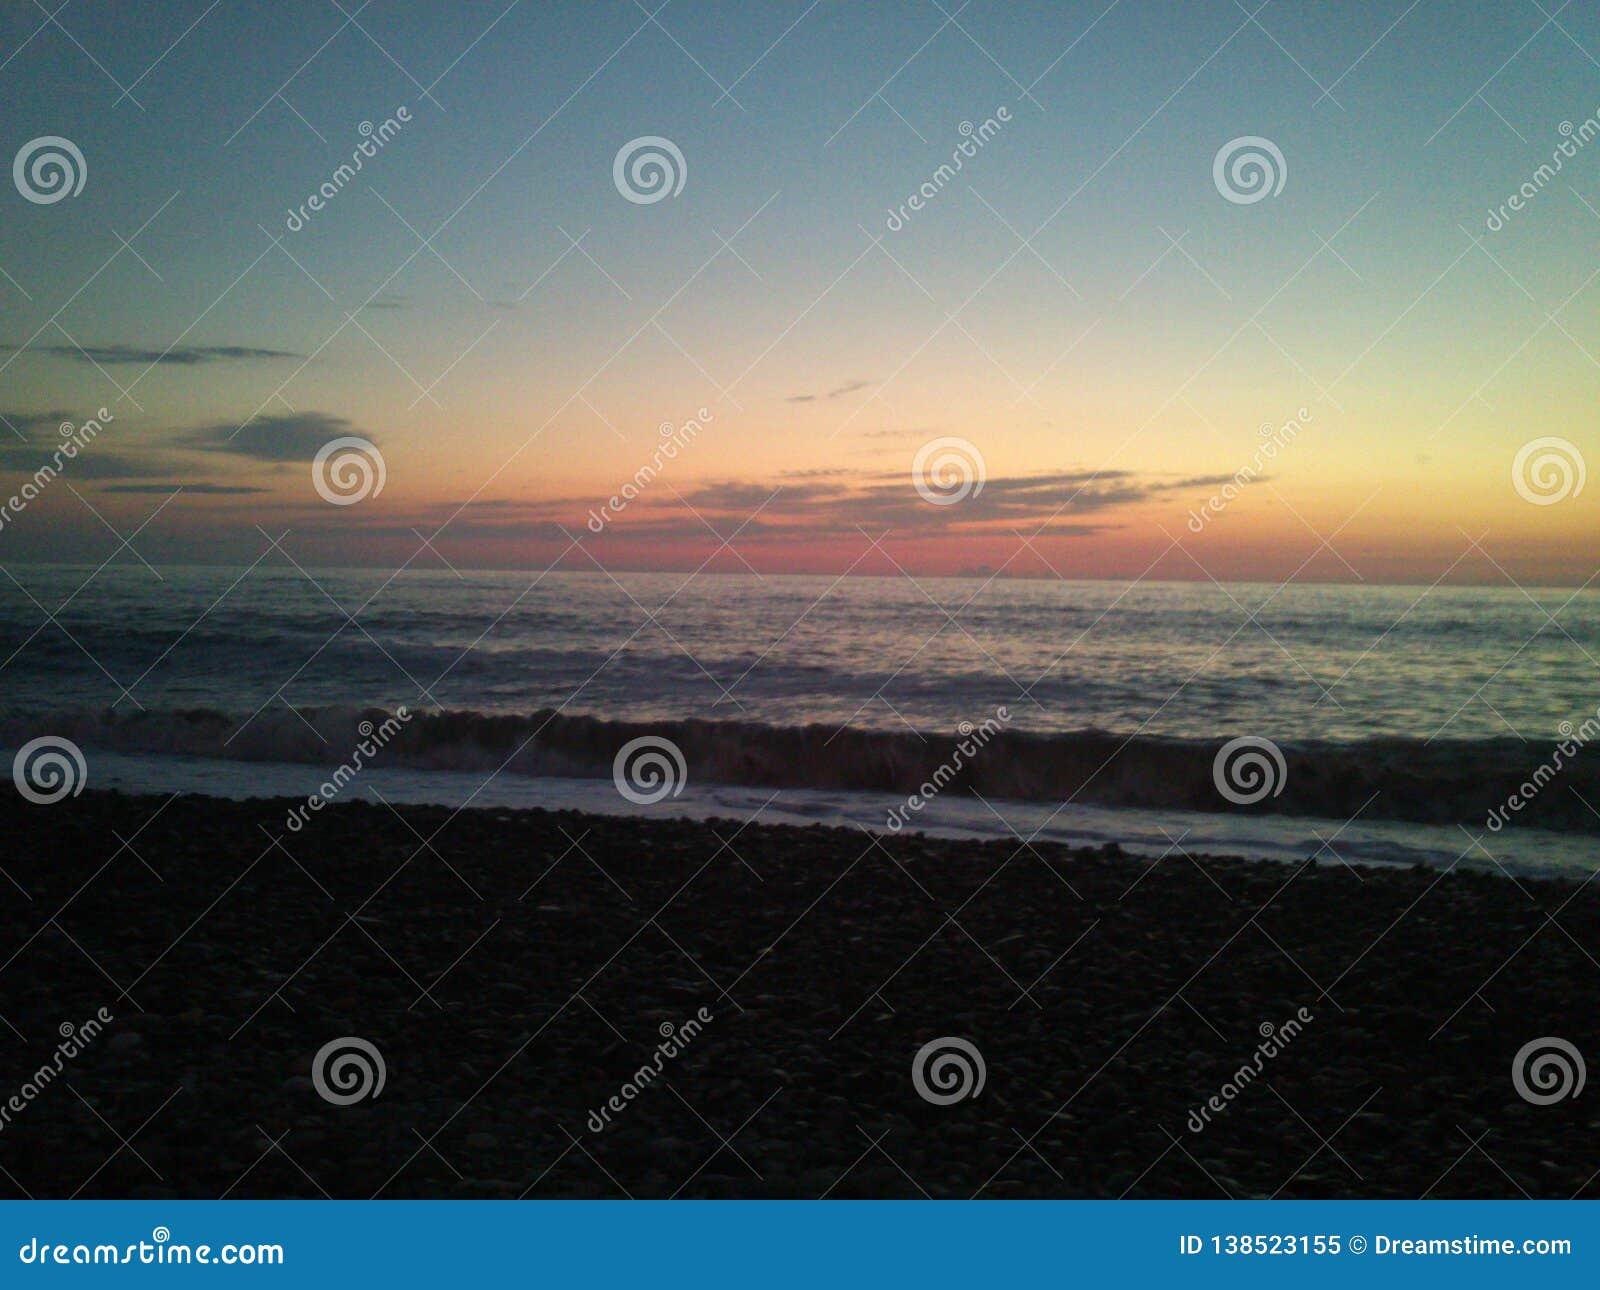 Vlotte overzees bij zonsondergang in Batumi